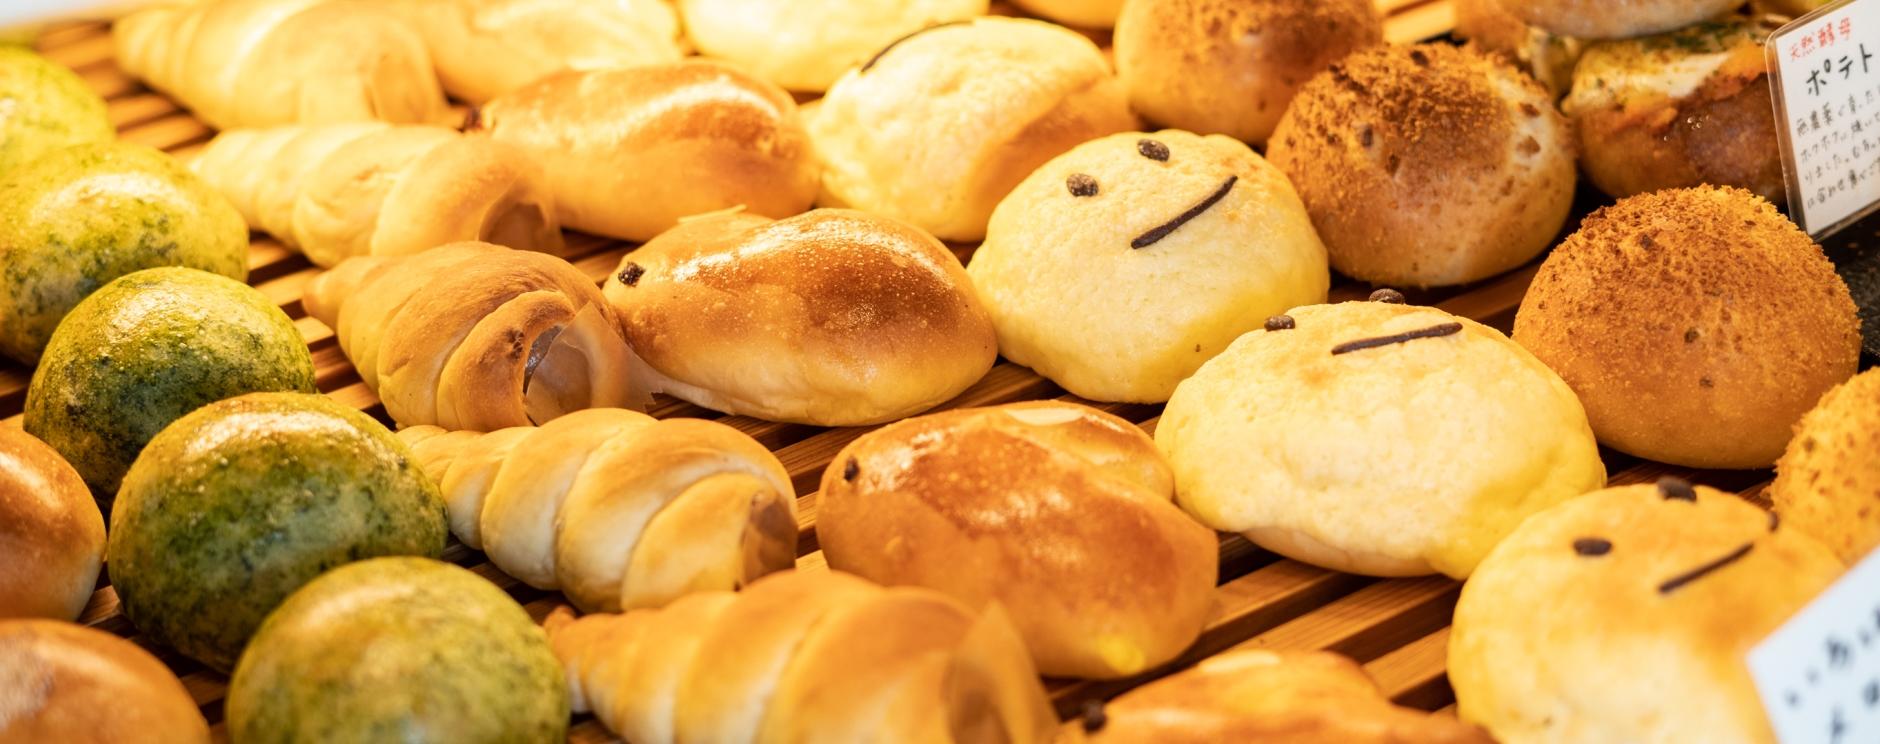 夫婦が作り出す、優しさ溢れるパン屋。